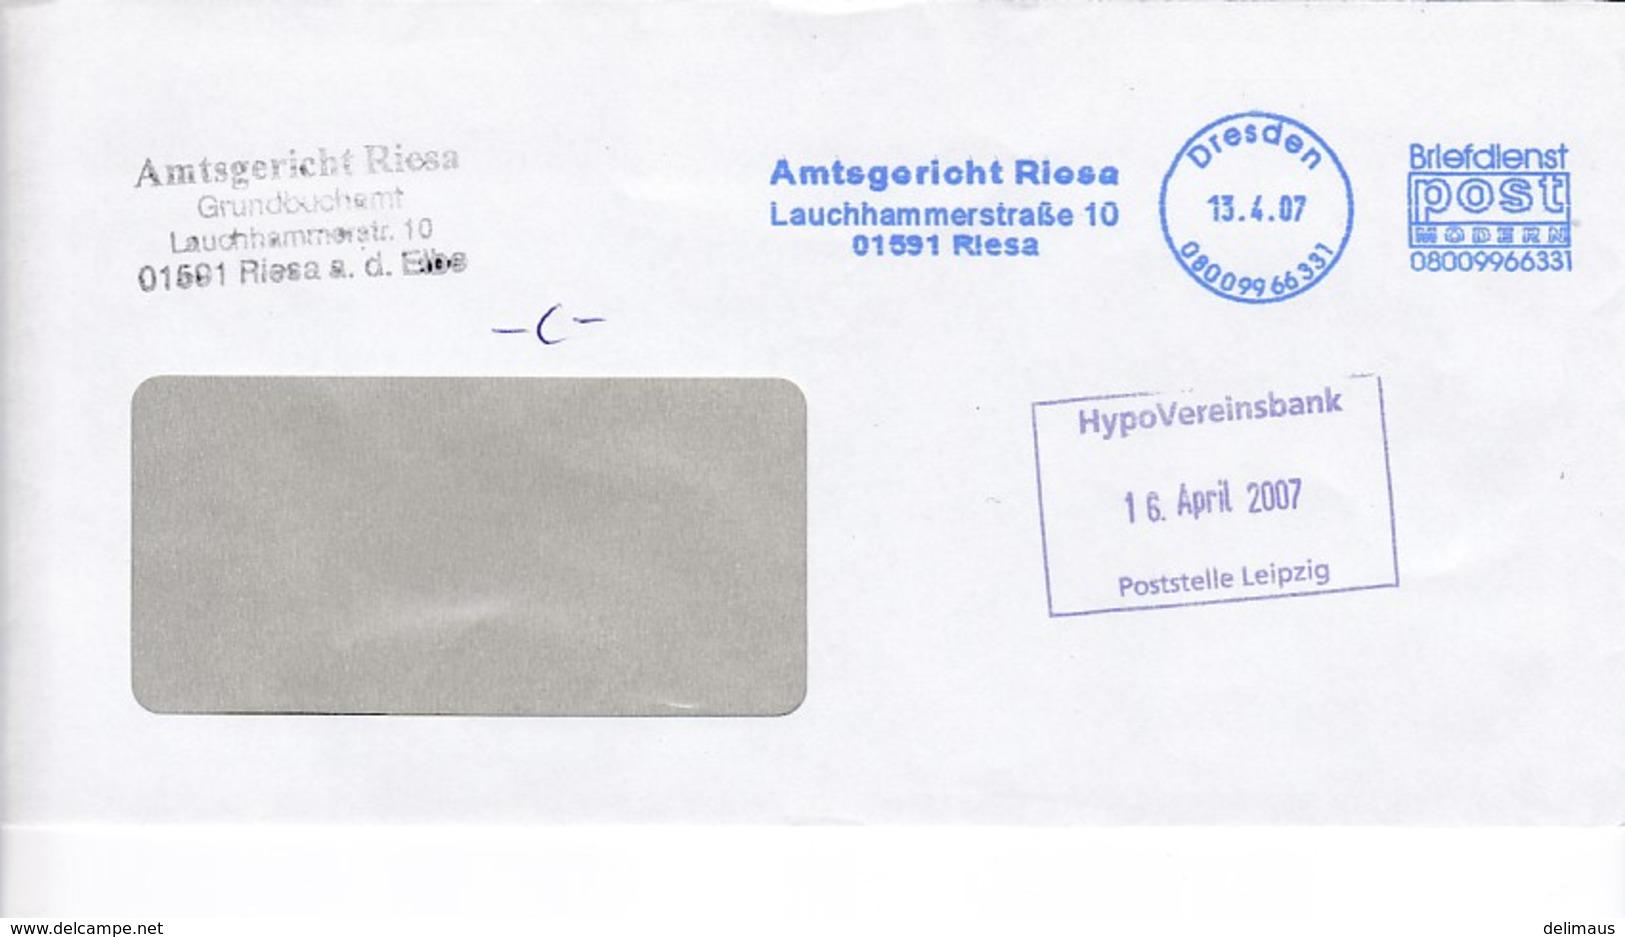 BRD Neue Privatpost 2007 Post Modern Dresden Amtsgericht Riesa - Private & Local Mails